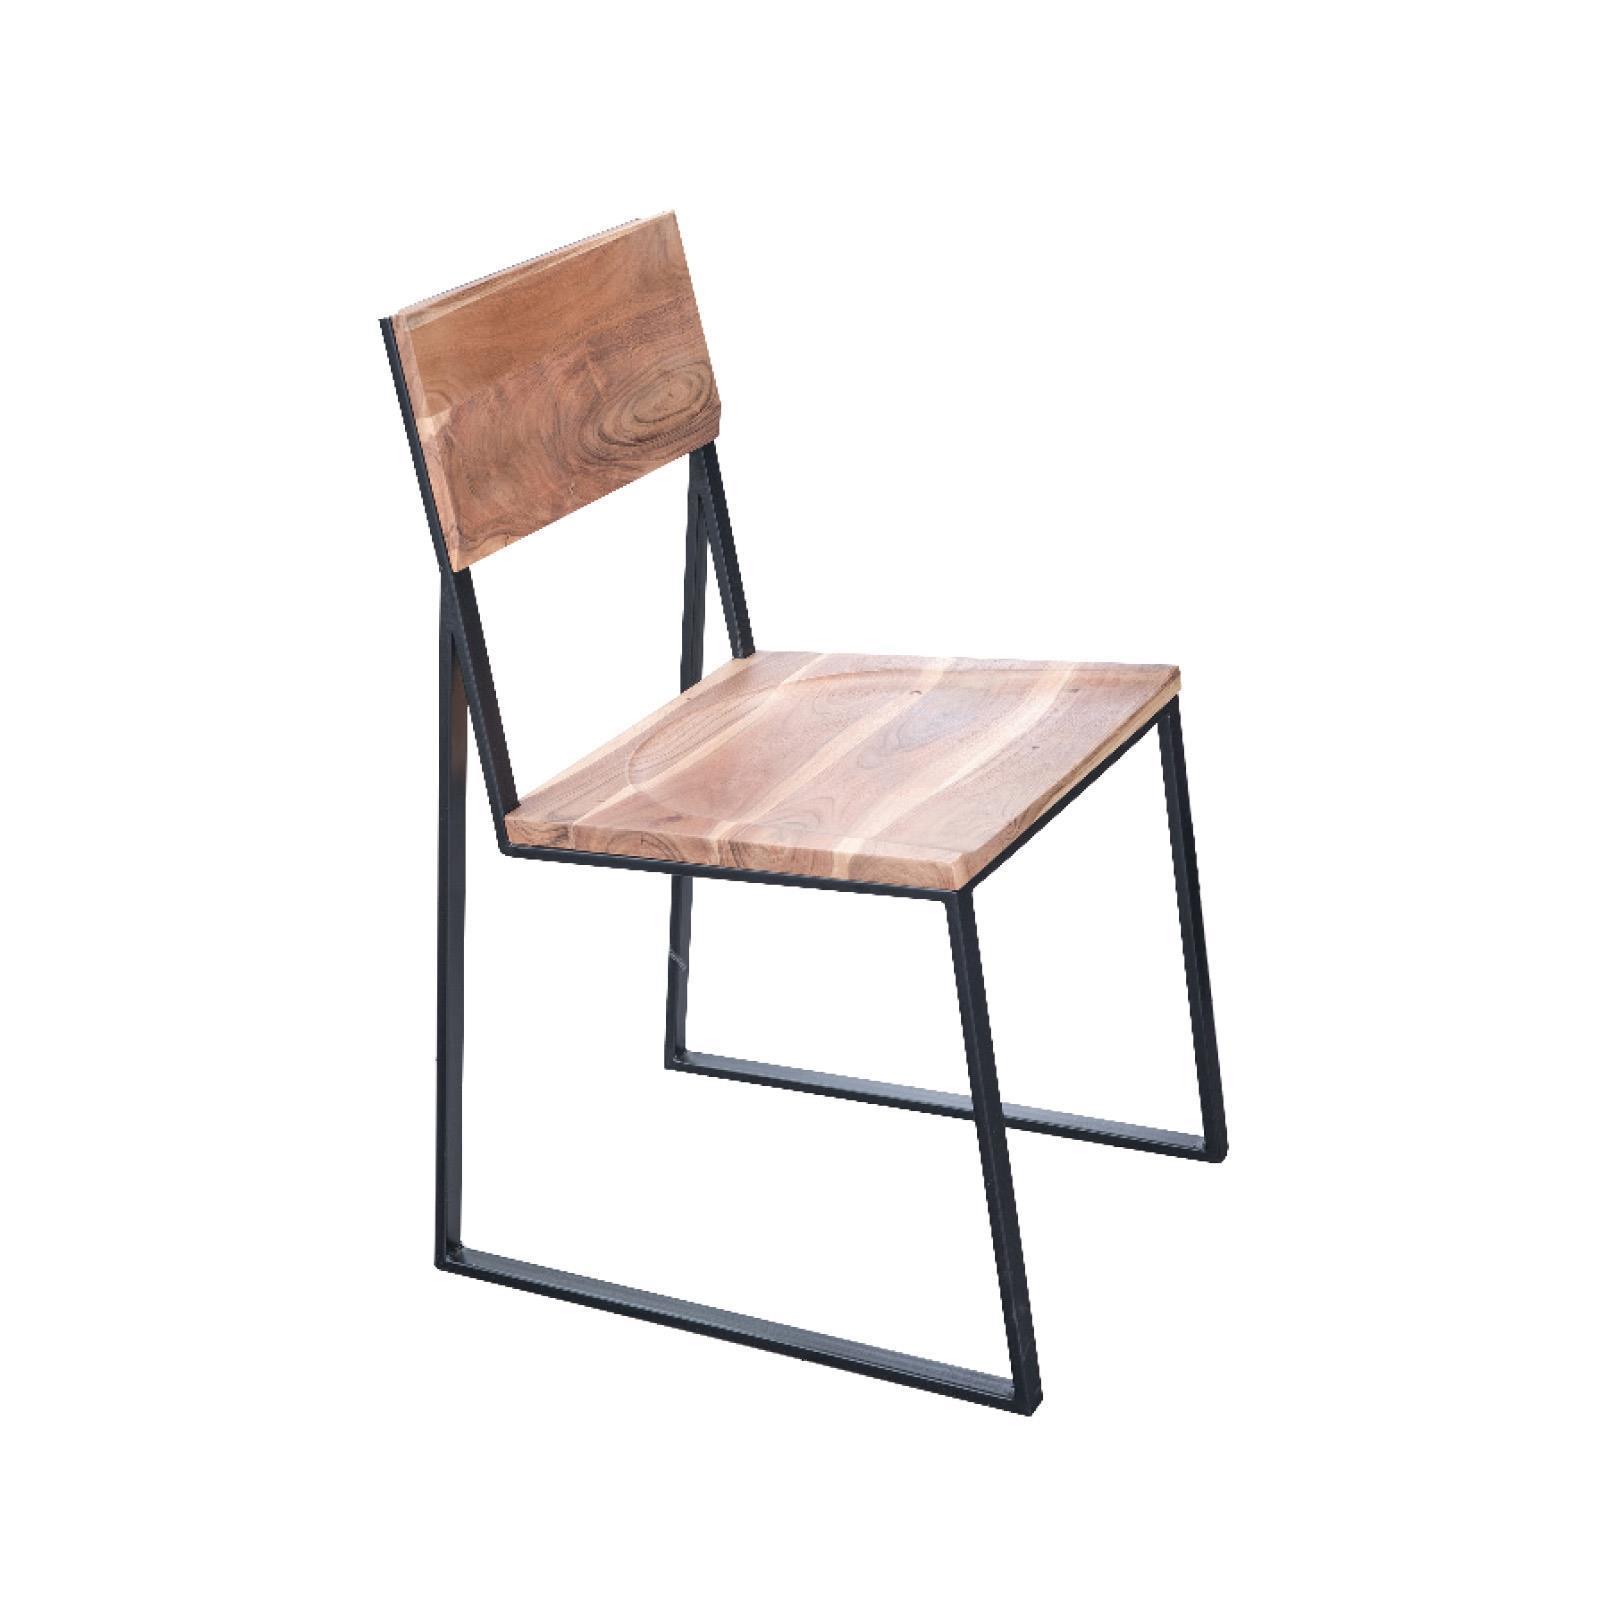 VILLAGE καρέκλα ξύλινη με μεταλλικό σκελετό Υ85x52x44εκ.